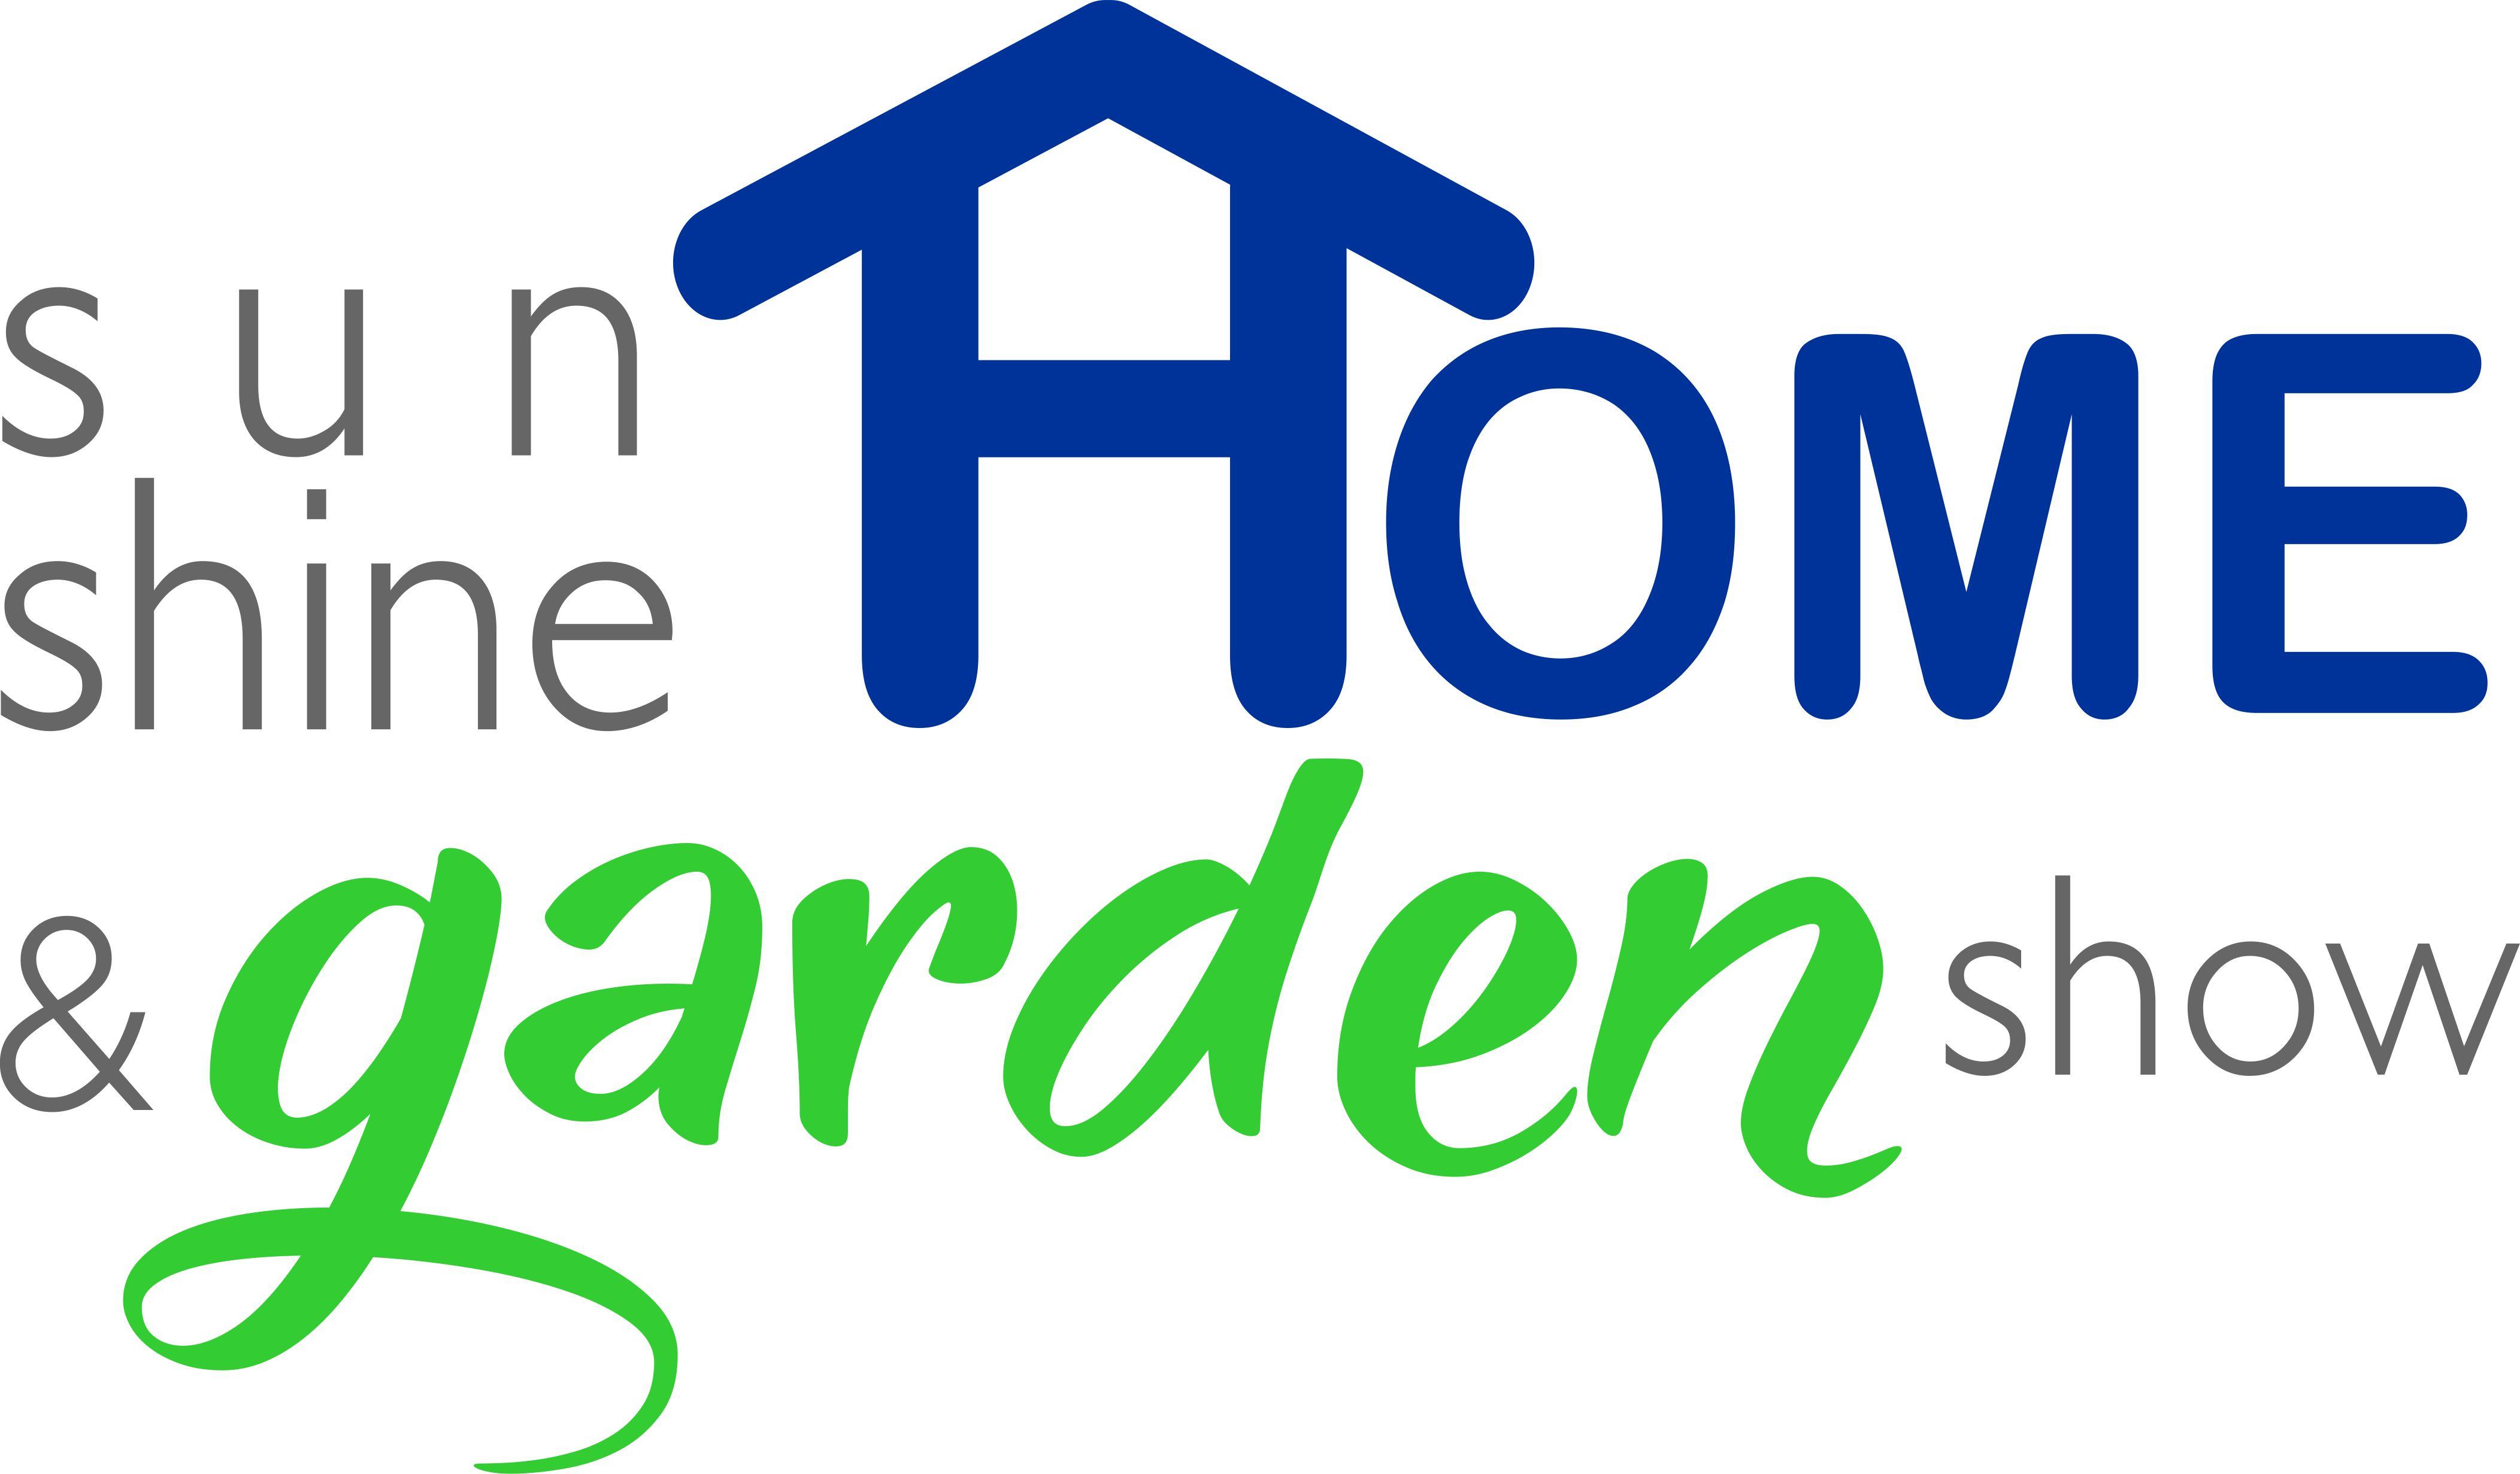 Sunshine Home & Garden Show